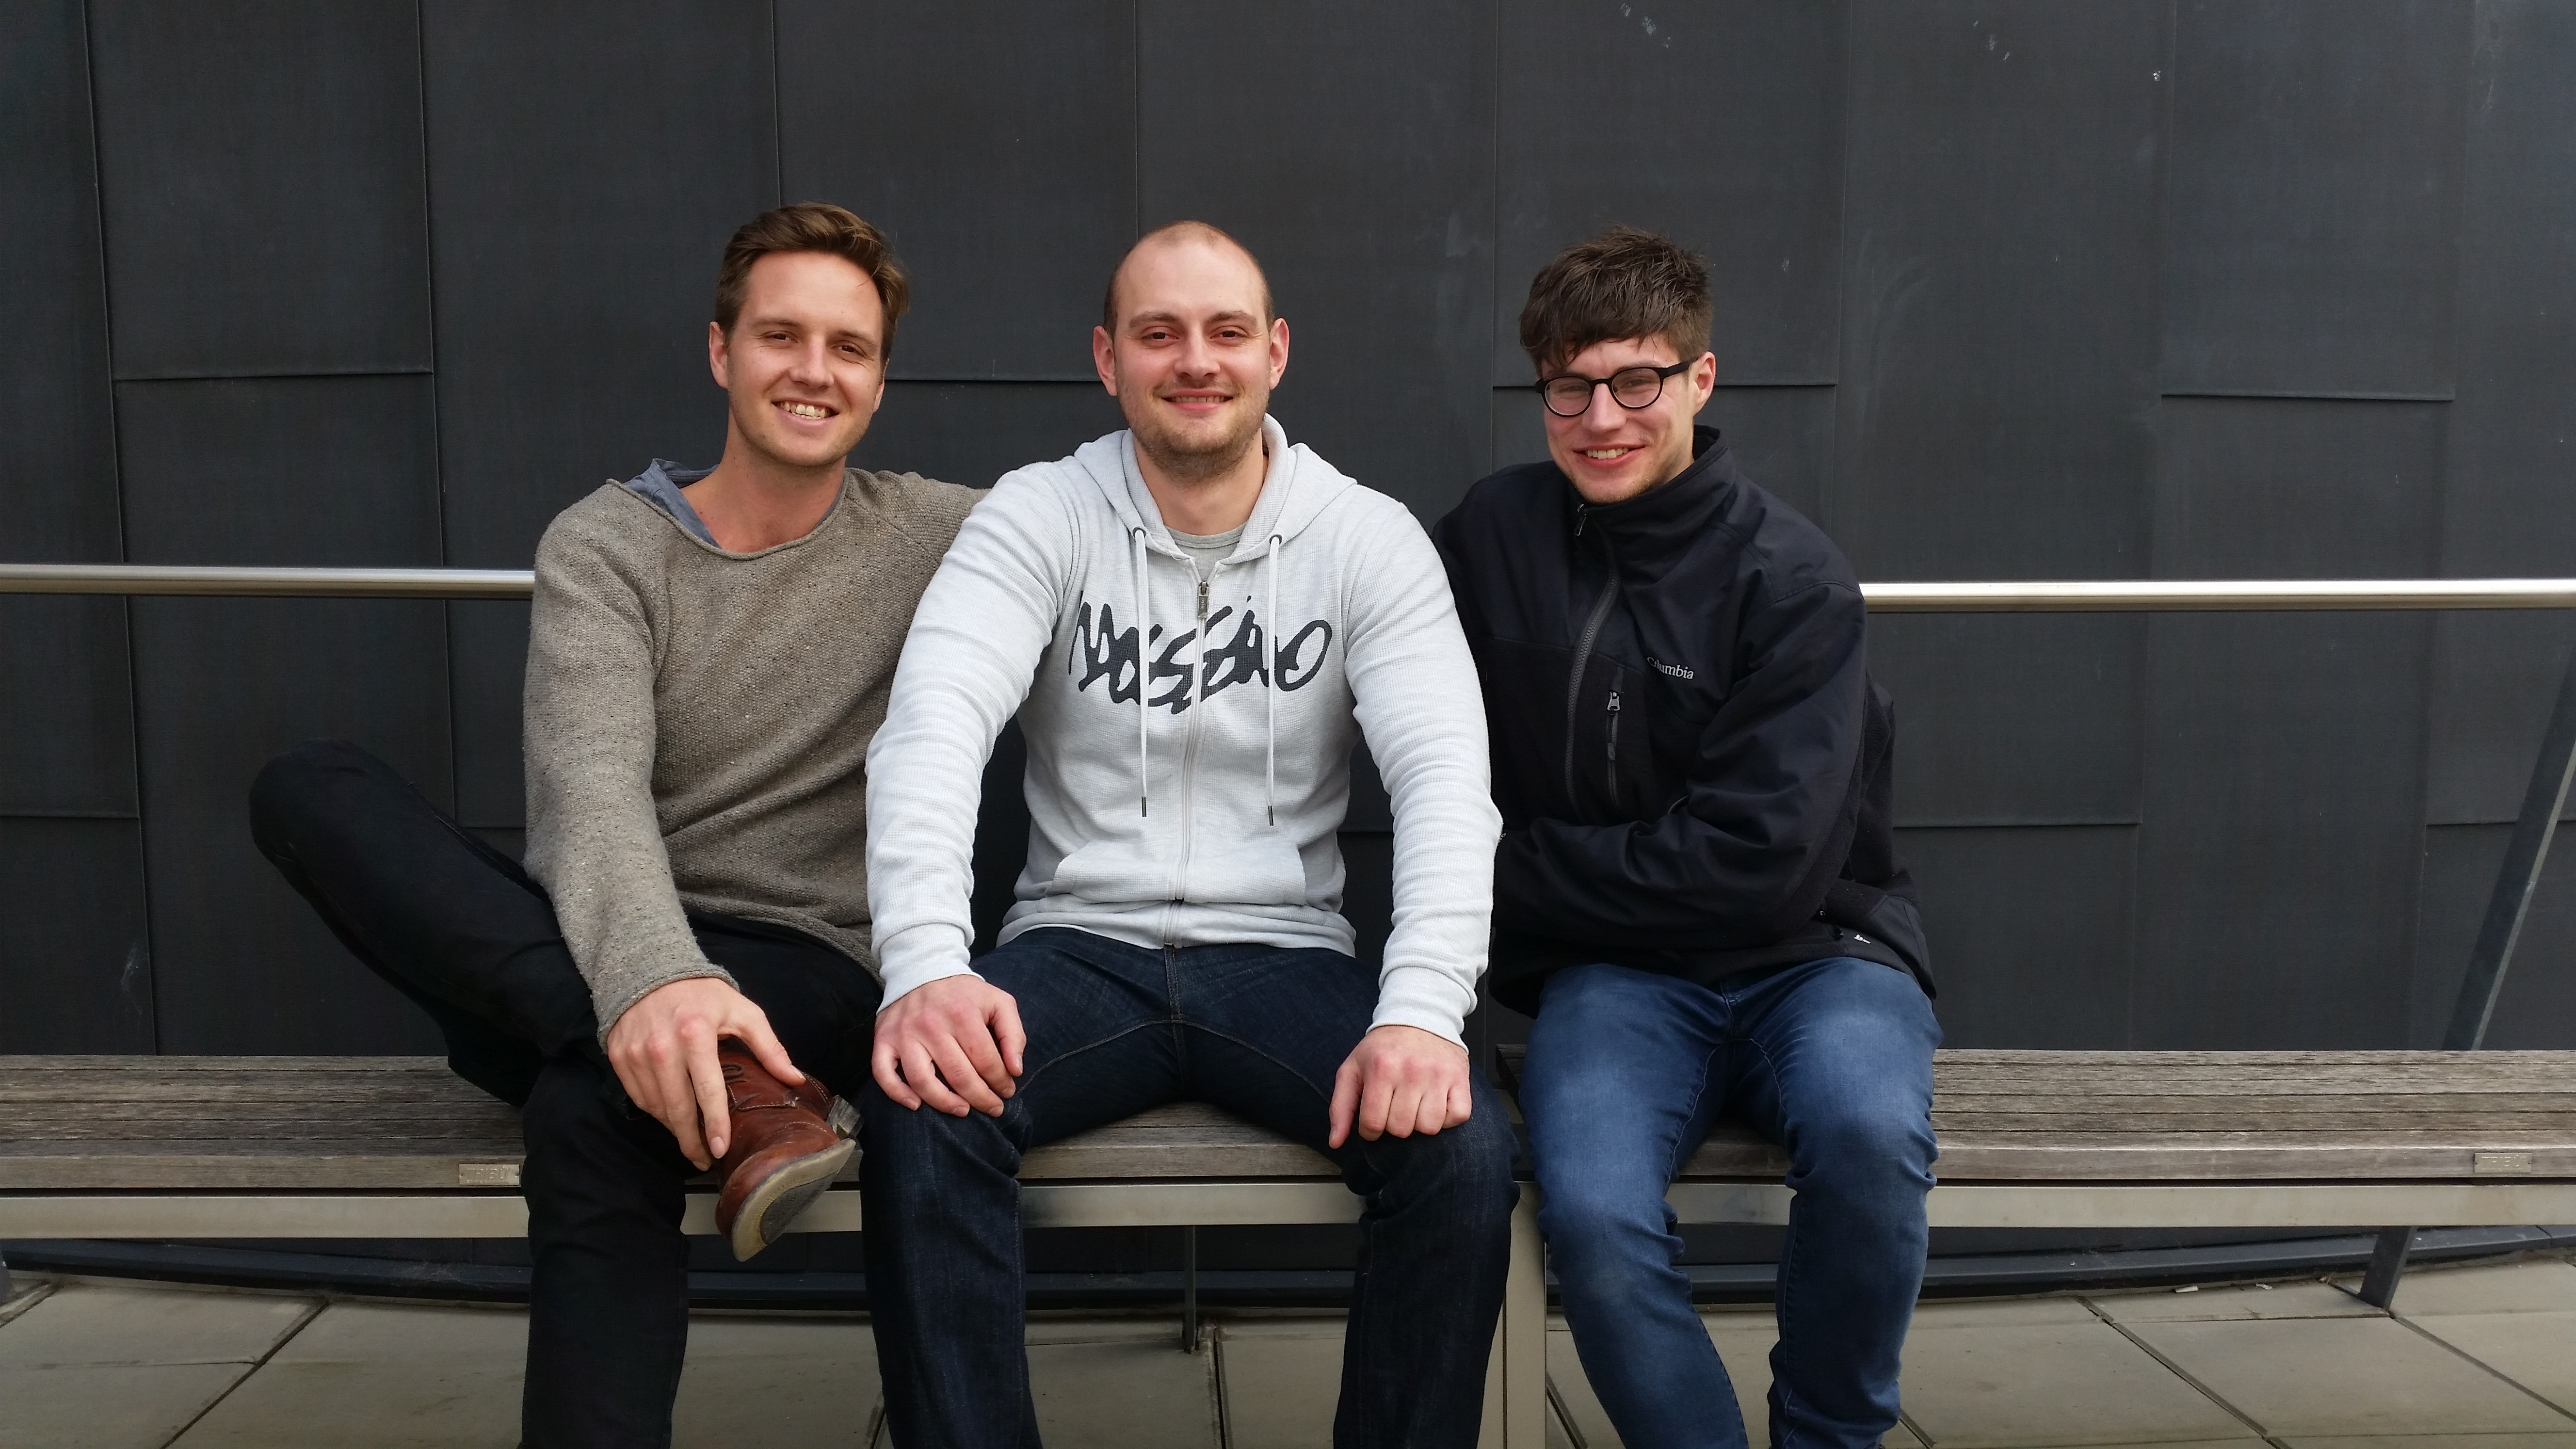 Cameron, Tony and Josh